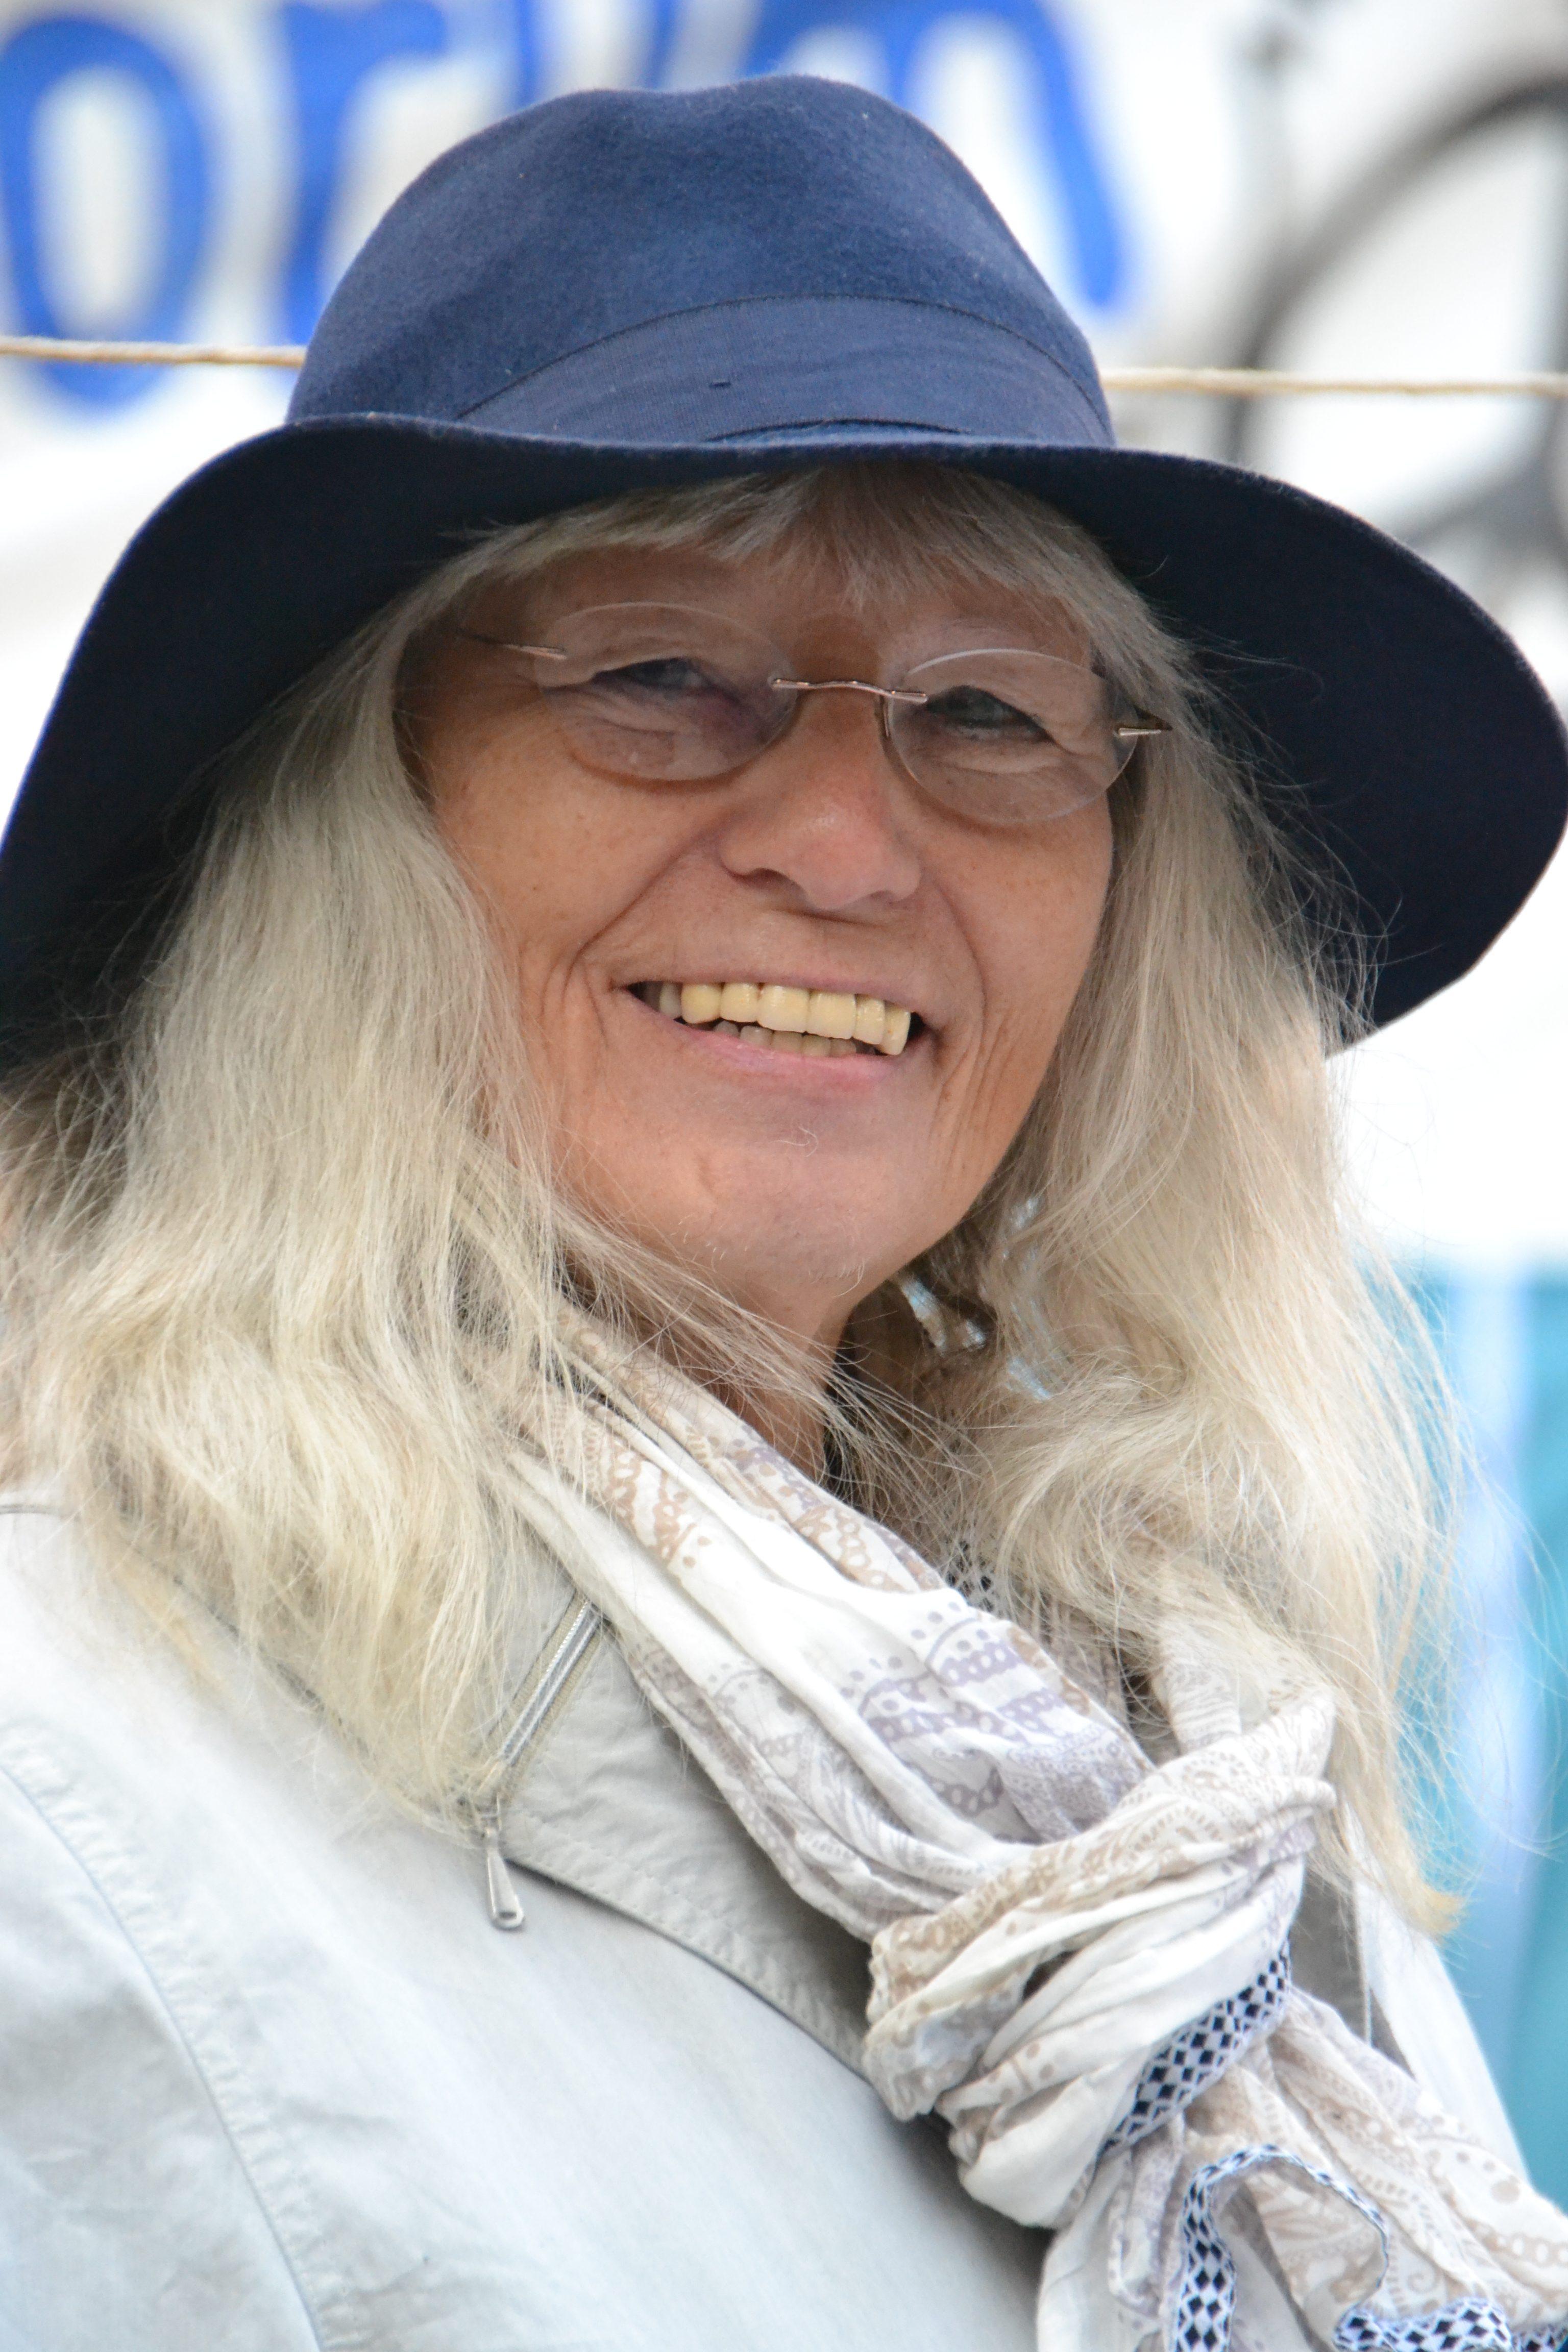 Kopfporträt einer fröhlich in die Kamera lächelnden hübschen Dame mit dicken welligen, über Schulter langen weißen Haaren, die unter einem dunkelblauen Hut mit breiter weicher Krempe hervorquellen.